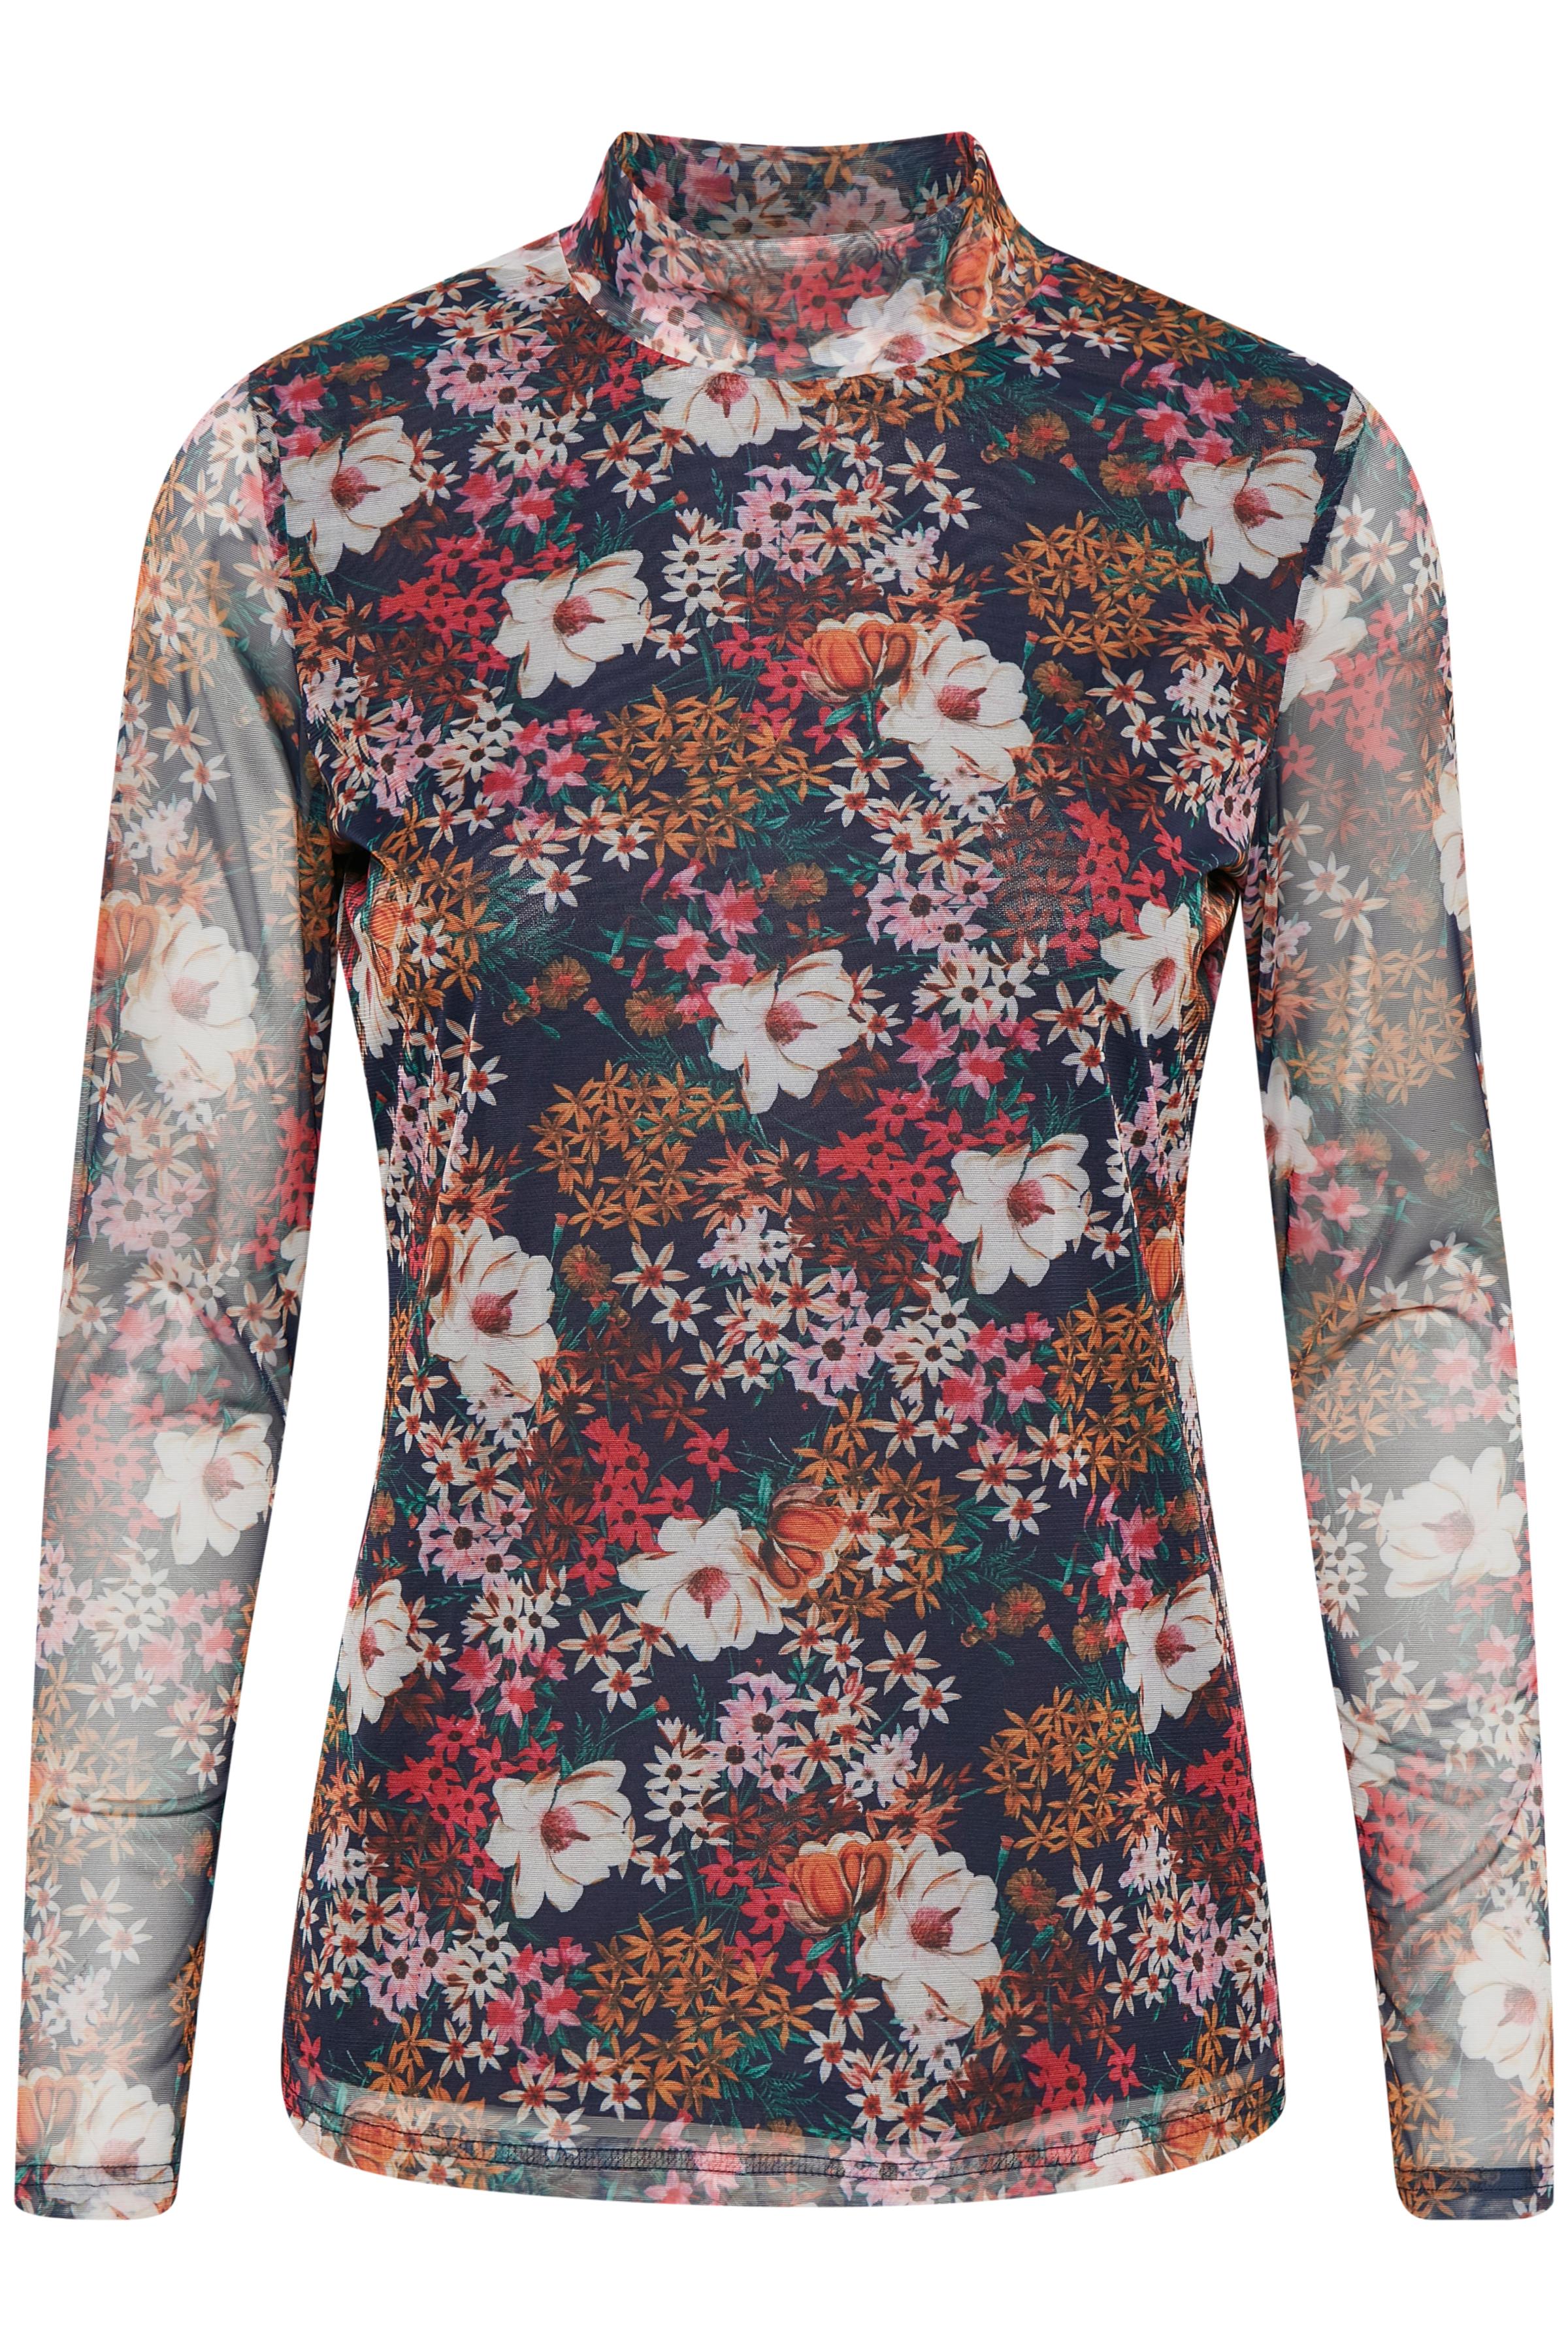 Marineblå Langærmet T-shirt fra Kaffe – Køb Marineblå Langærmet T-shirt fra str. XS-XXL her